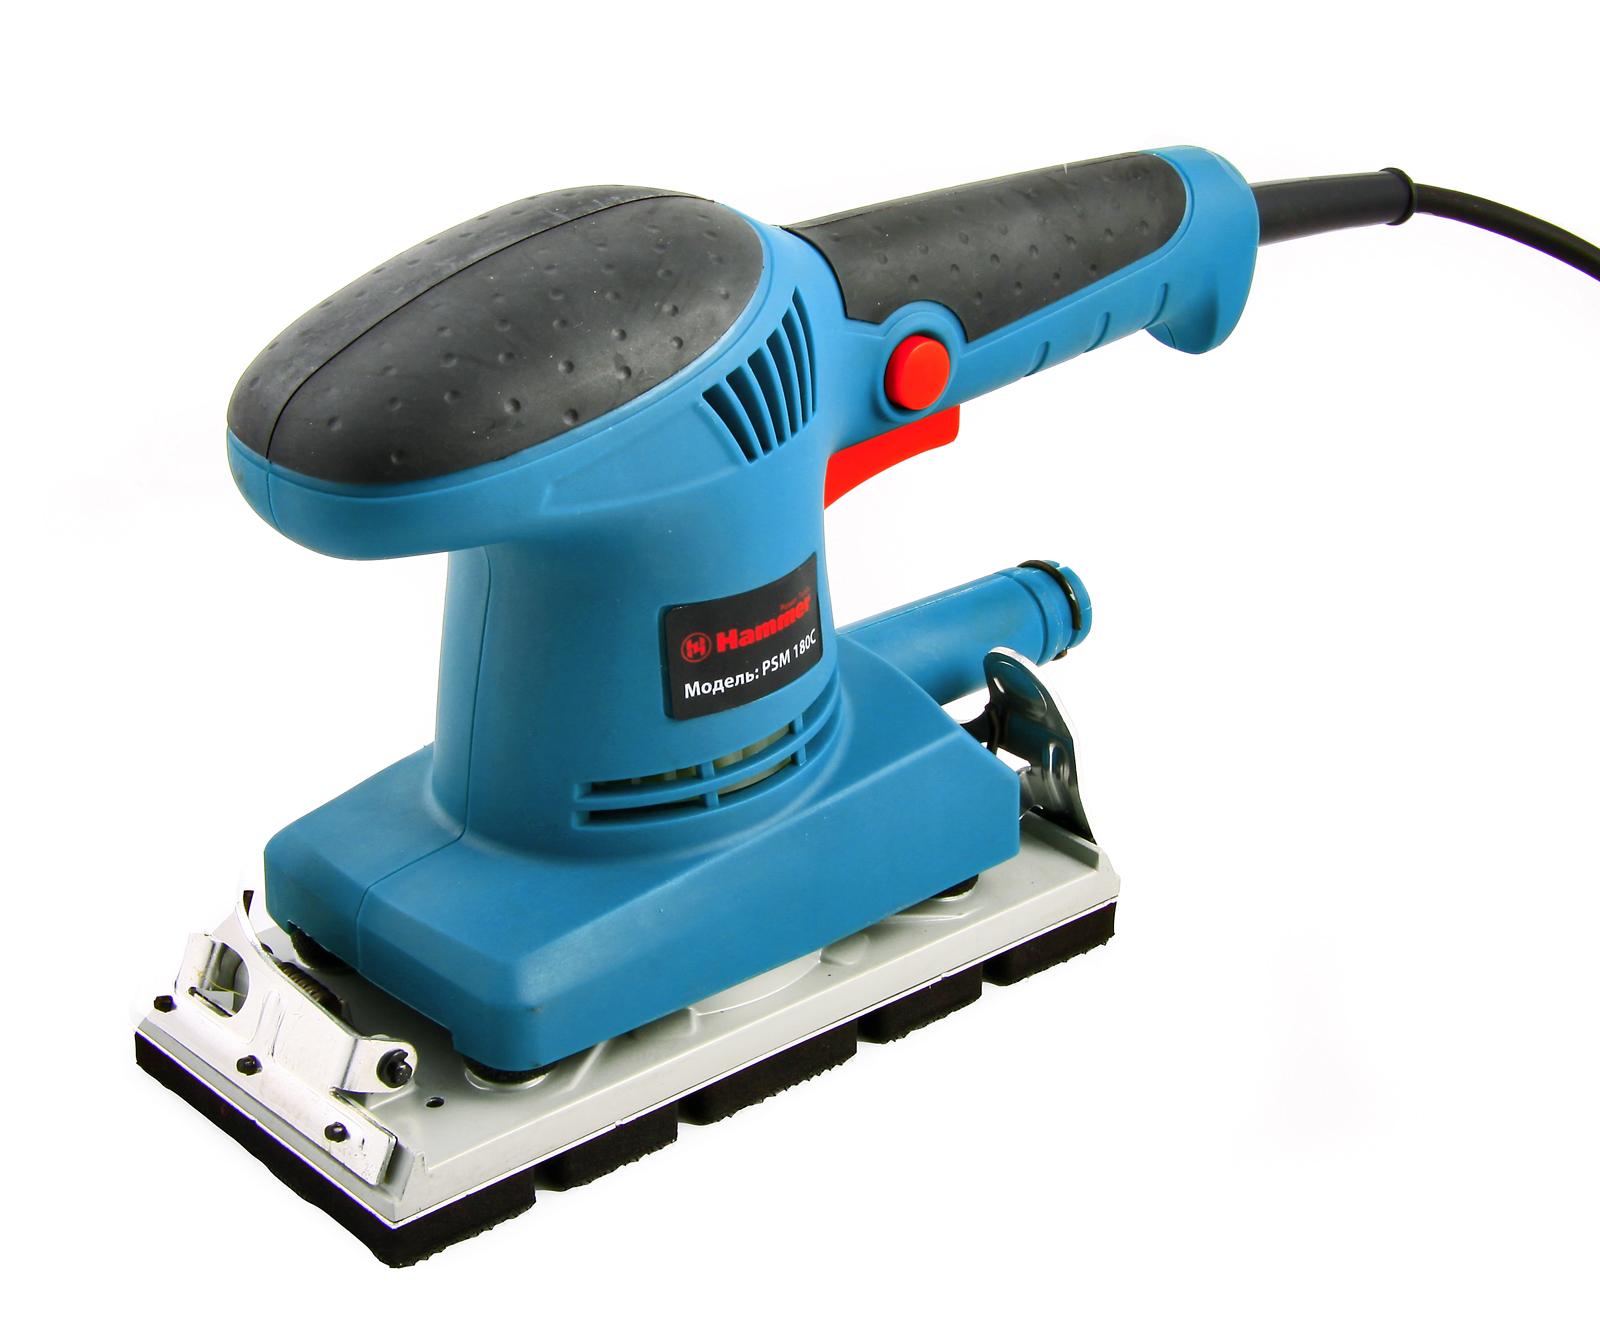 Фотография товара Машинка шлифовальная плоская (вибрационная) Hammer